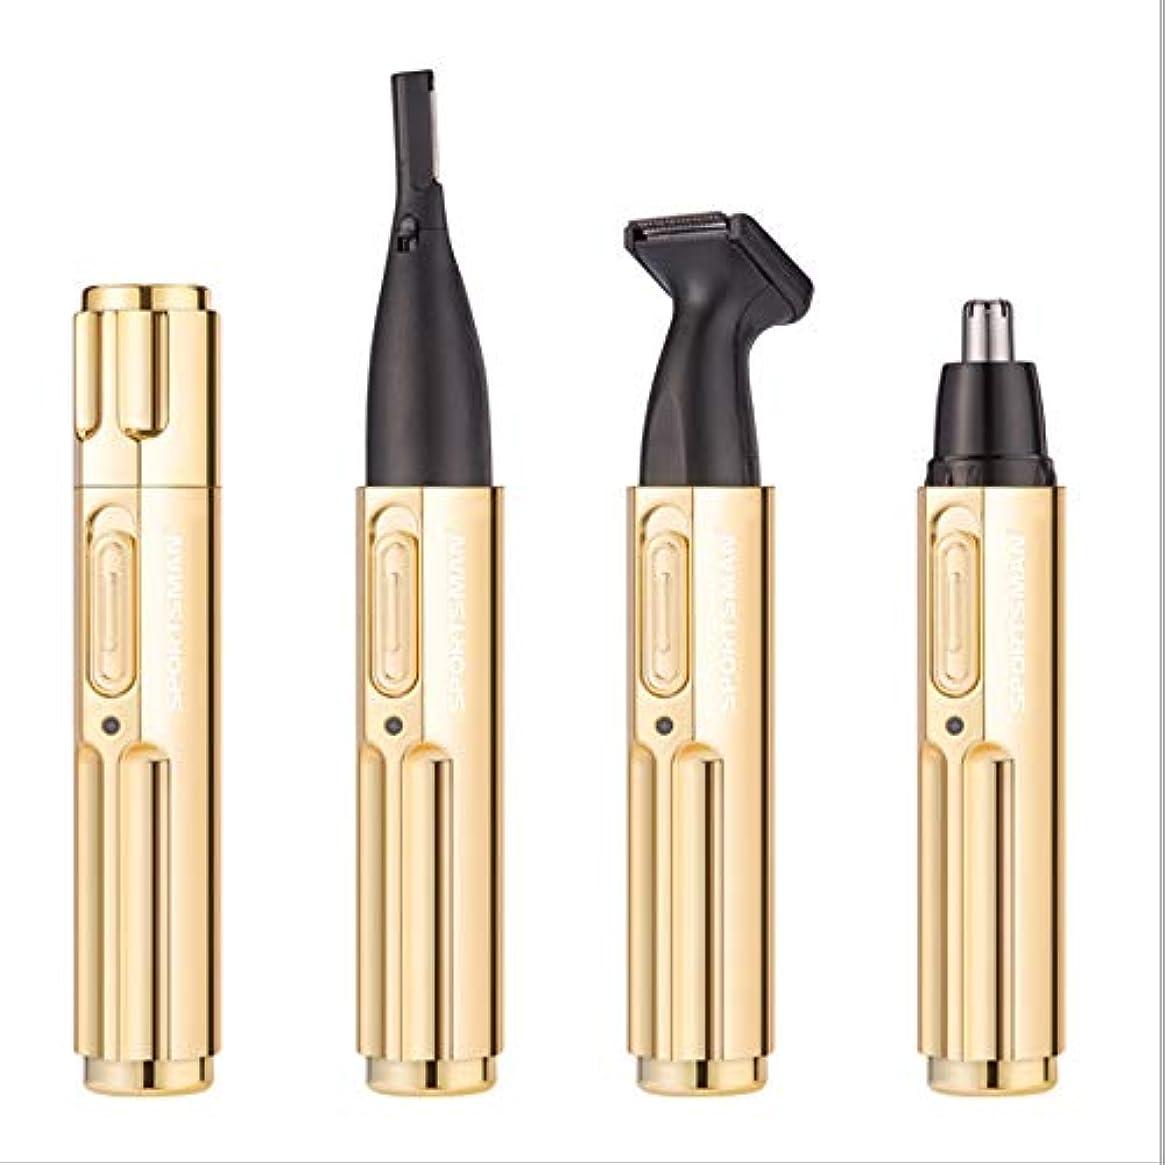 出身地サーバ光景電動鼻毛トリマー、充電式、取り外し可能なステンレス製カッターヘッド(洗える)、ポータブルの安全性、環境保護、省エネ